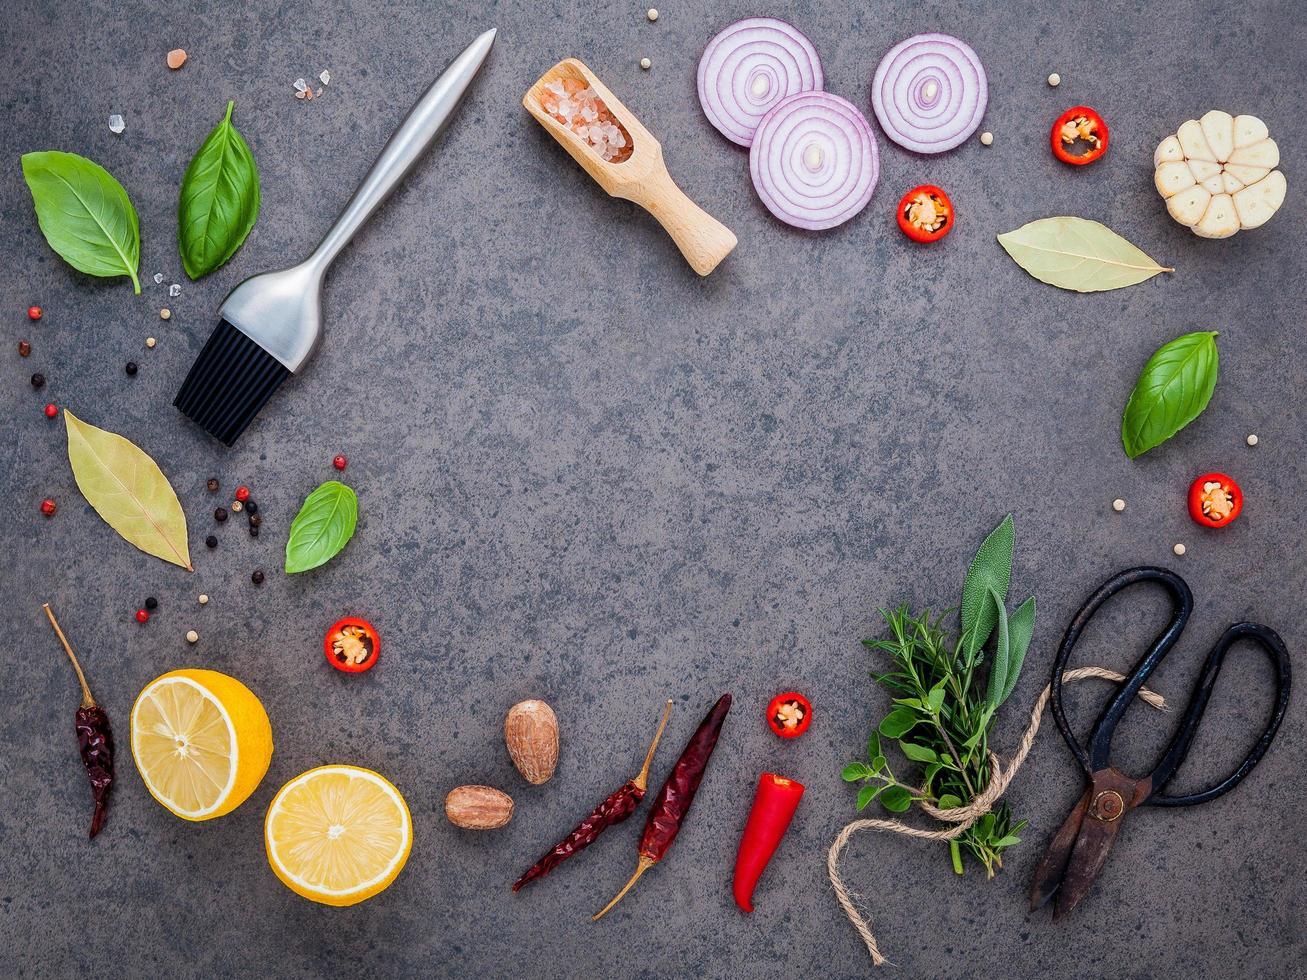 ingredientes frescos para cocinar en piedra oscura foto